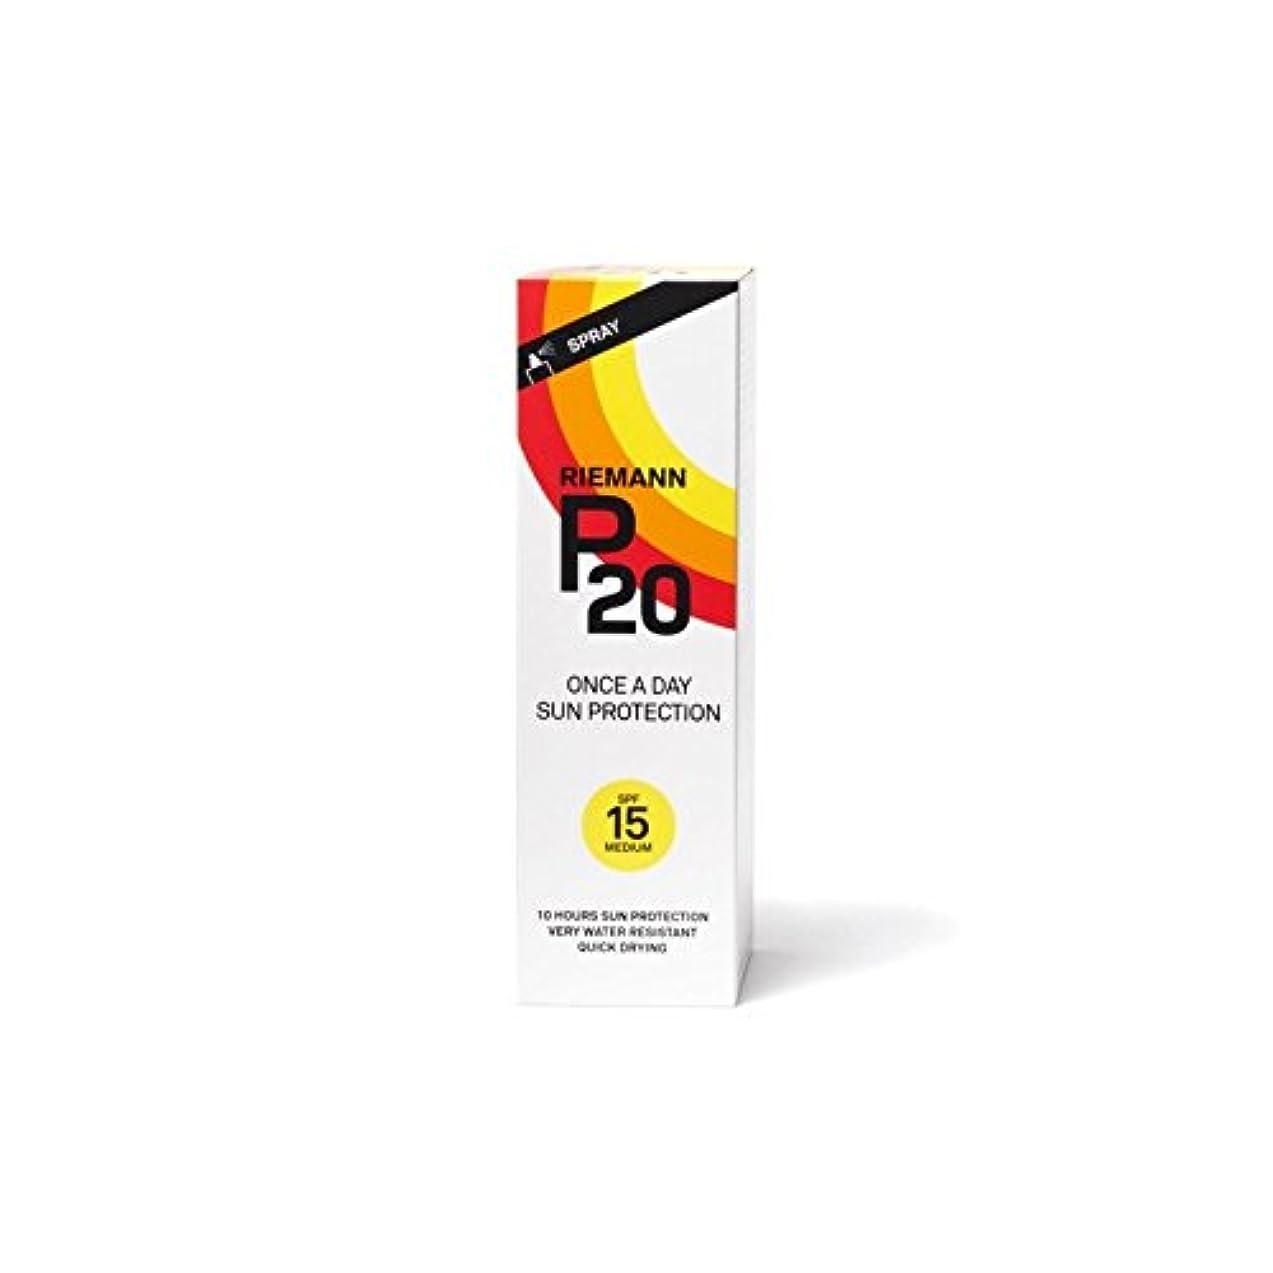 寄生虫磨かれた肘リーマン20のサンフィルター100ミリリットル15 x4 - Riemann P20 Sun Filter 100ml SPF15 (Pack of 4) [並行輸入品]